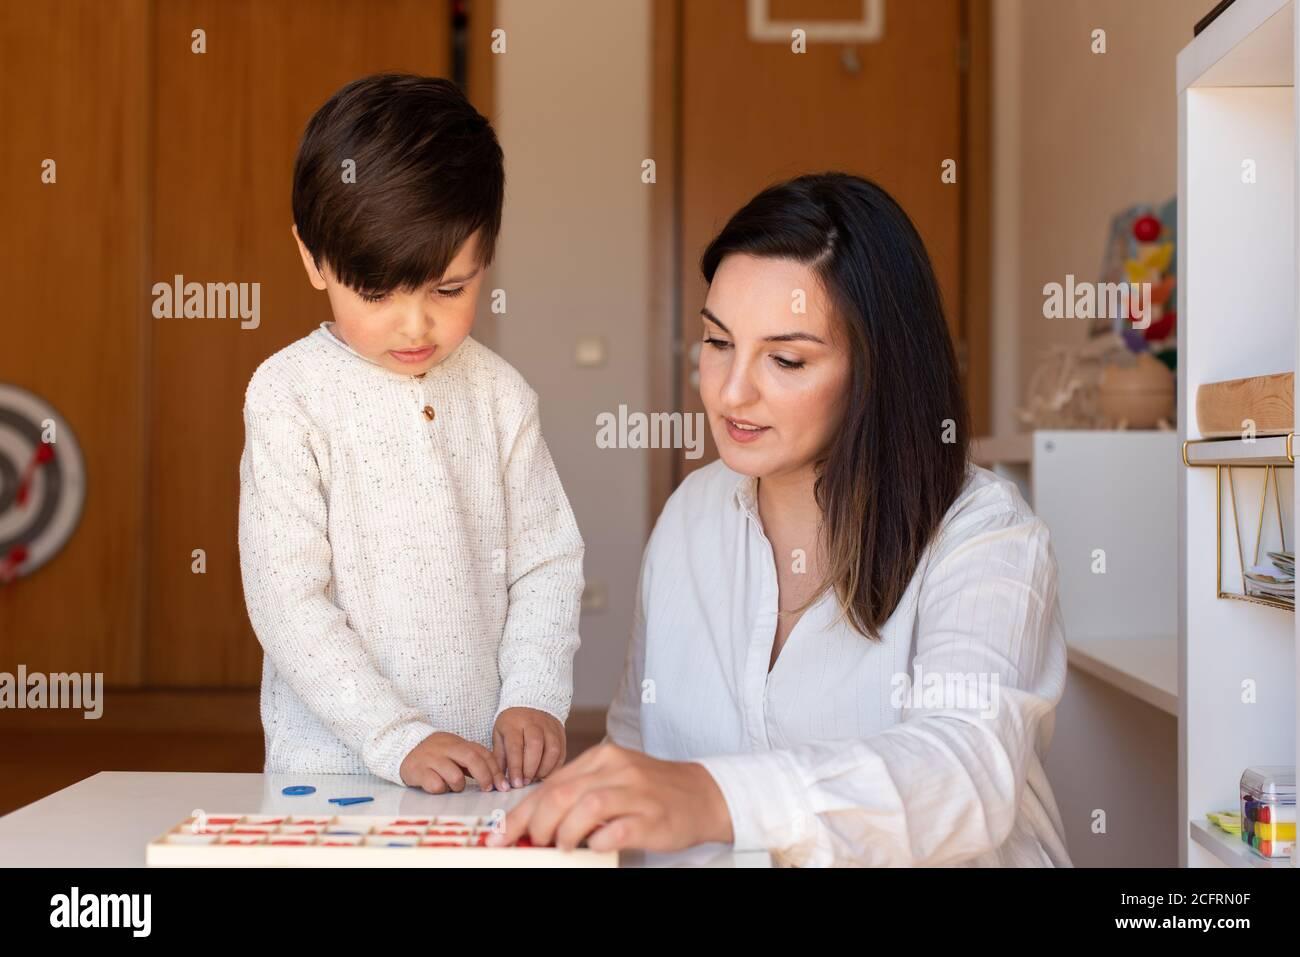 Lillte Kid aprendiendo a escribir y leer con un alfabeto y la ayuda de la madre o del maestro. Resolución de problemas en casa. Comunidad de aprendizaje. Escuela Montessori Foto de stock